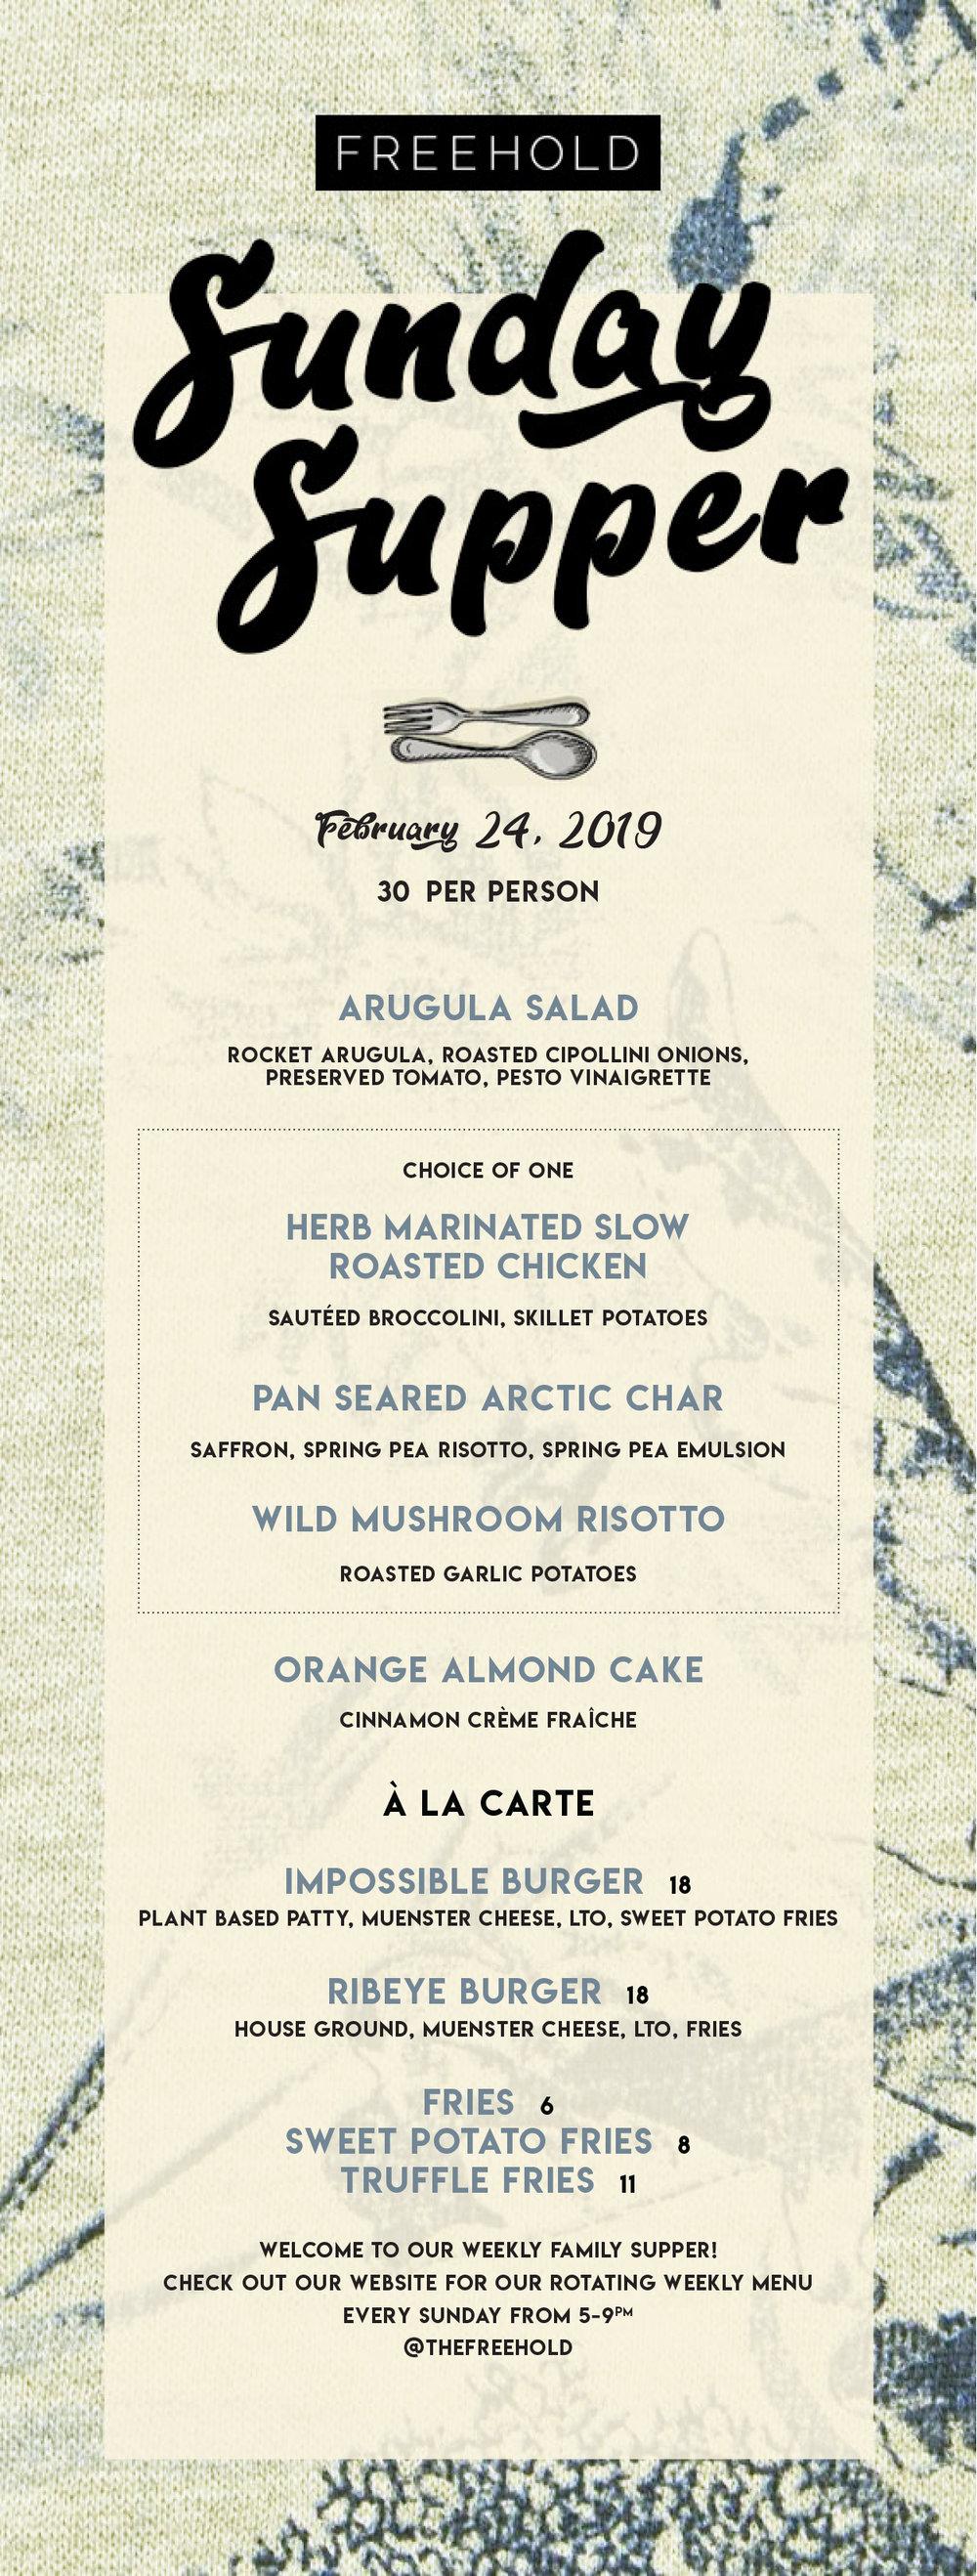 menu_SUPPER-feb24.jpg